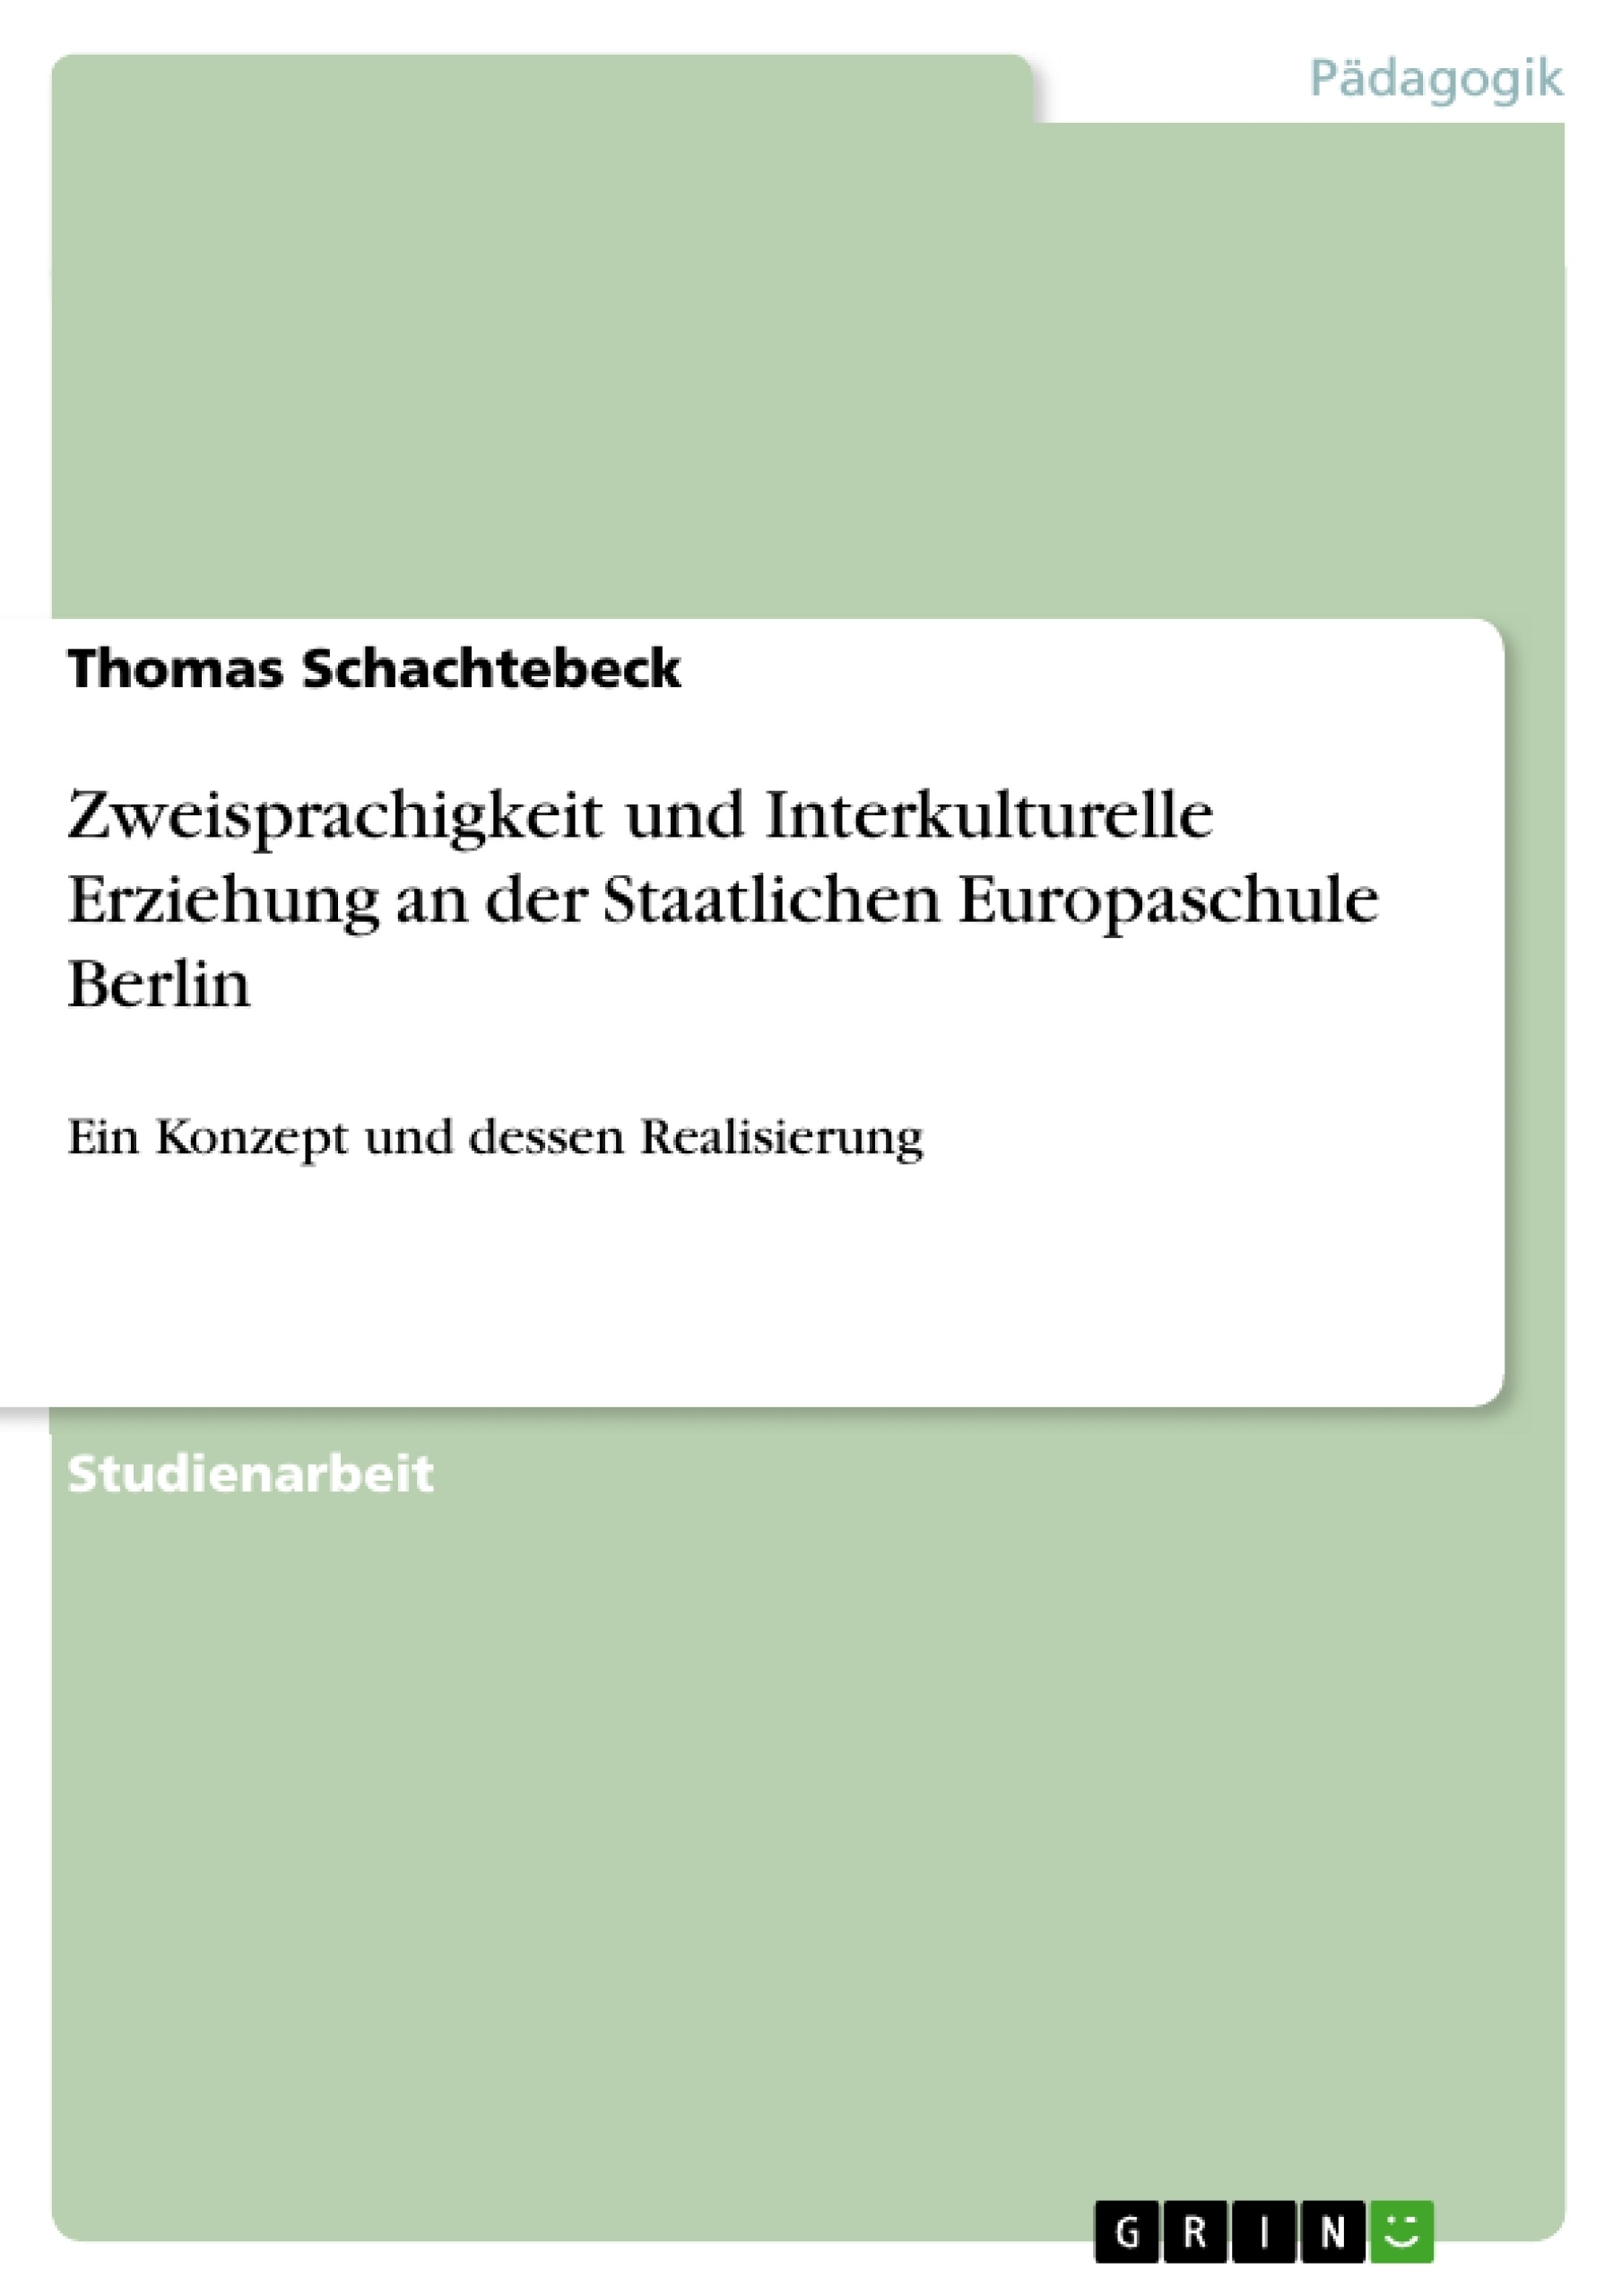 Titel: Zweisprachigkeit und Interkulturelle Erziehung an der Staatlichen Europaschule Berlin